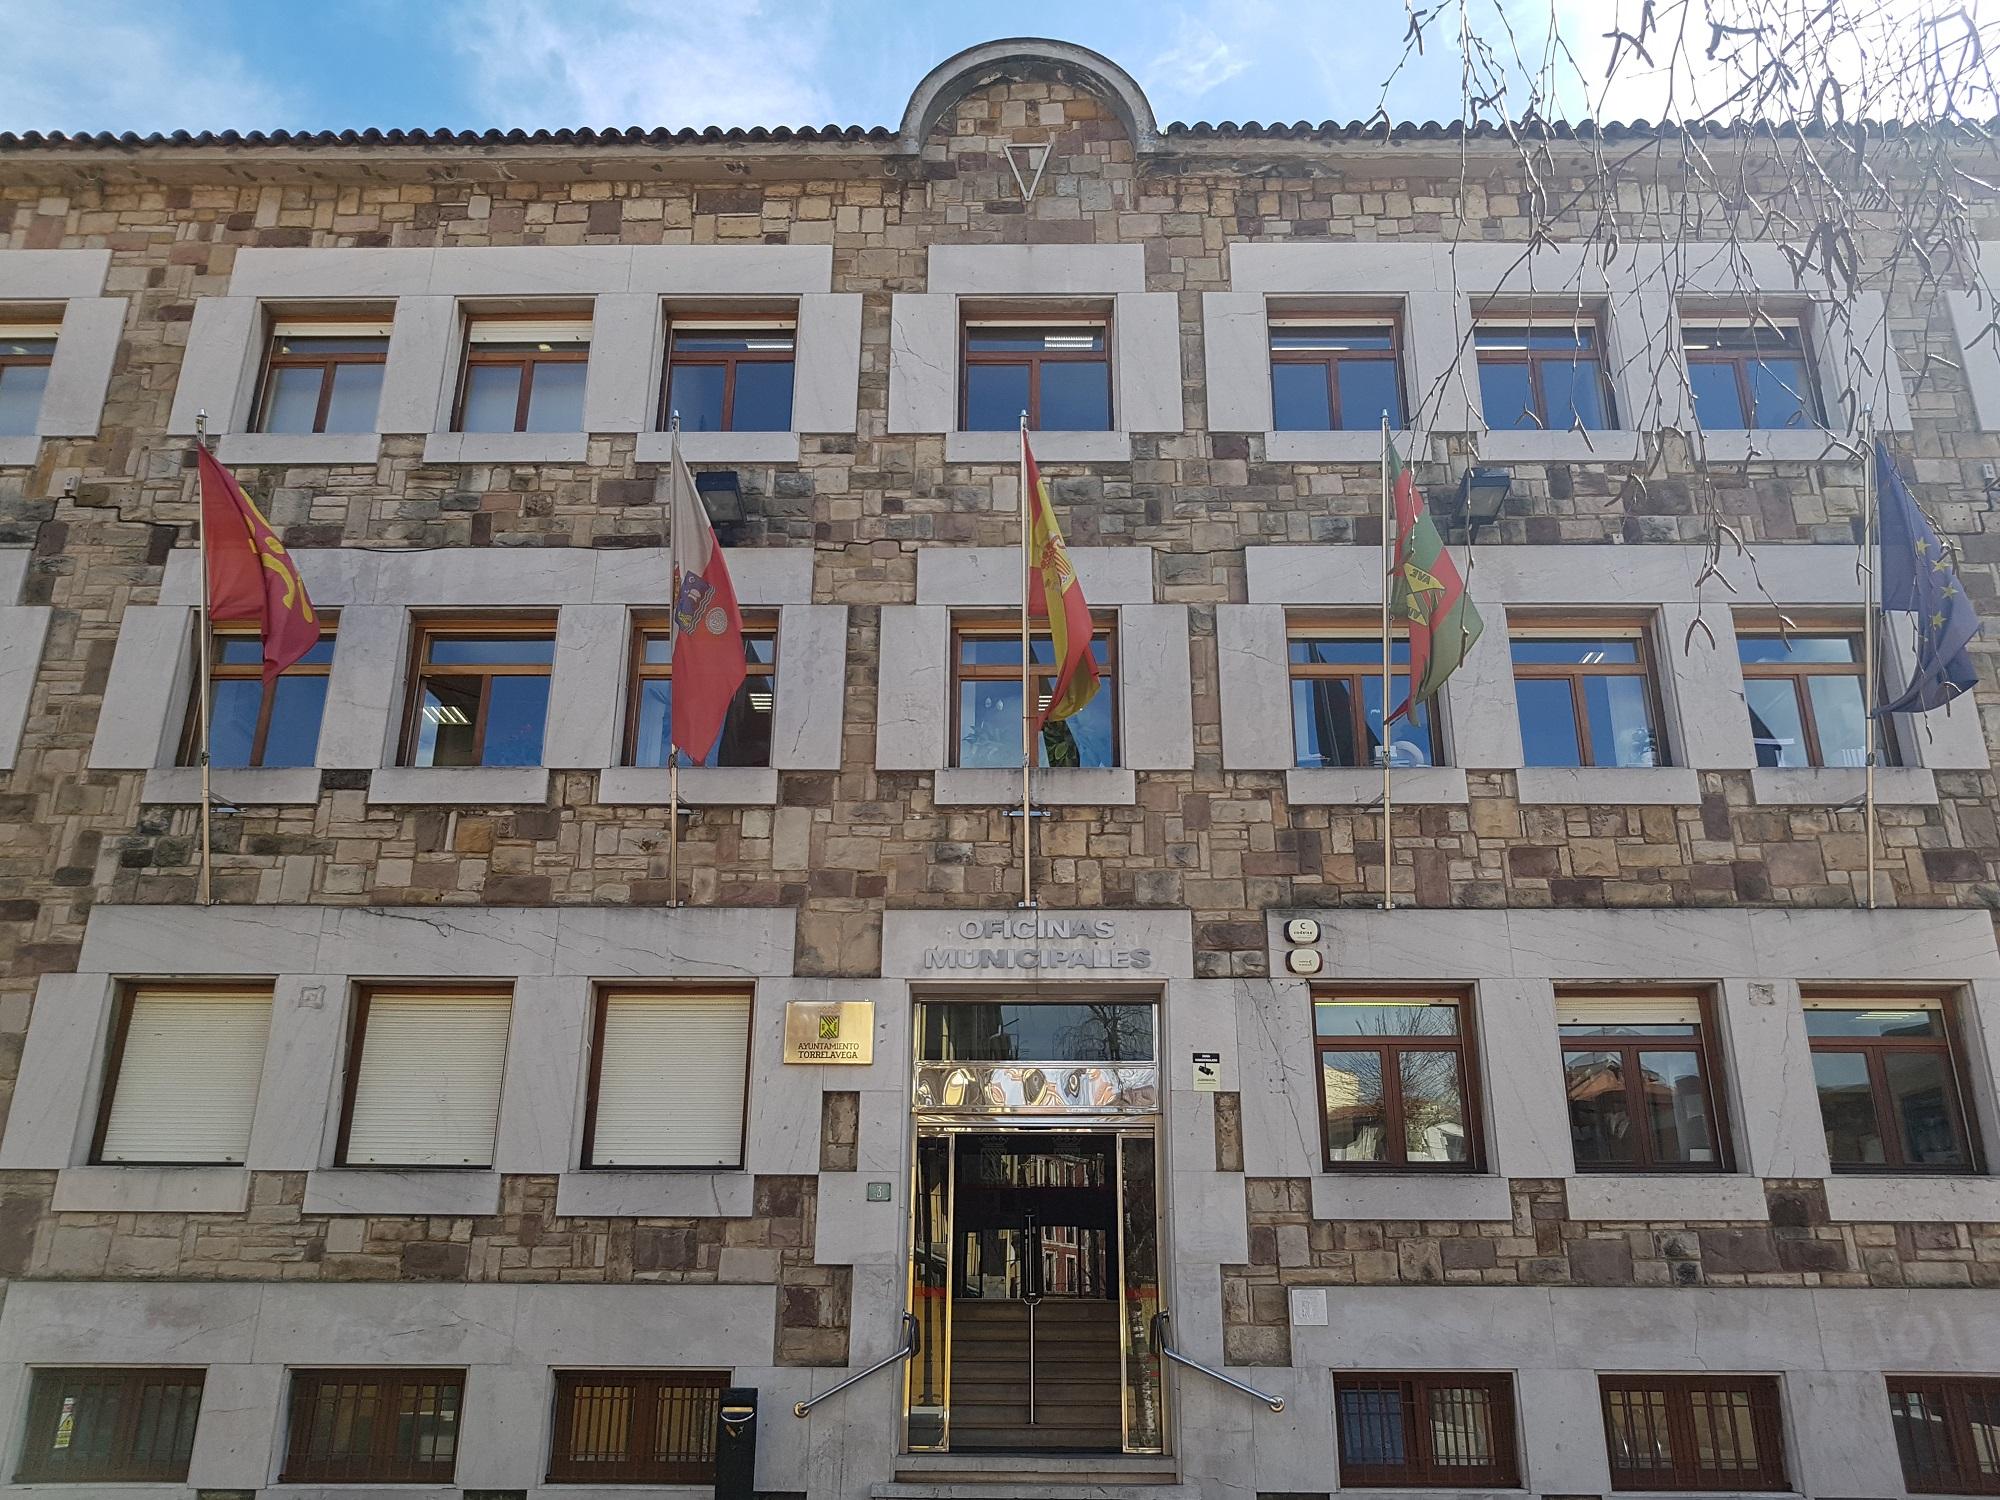 Nexus Energía suministrará electricidad de origen renovable al Ayuntamiento de Torrelavega